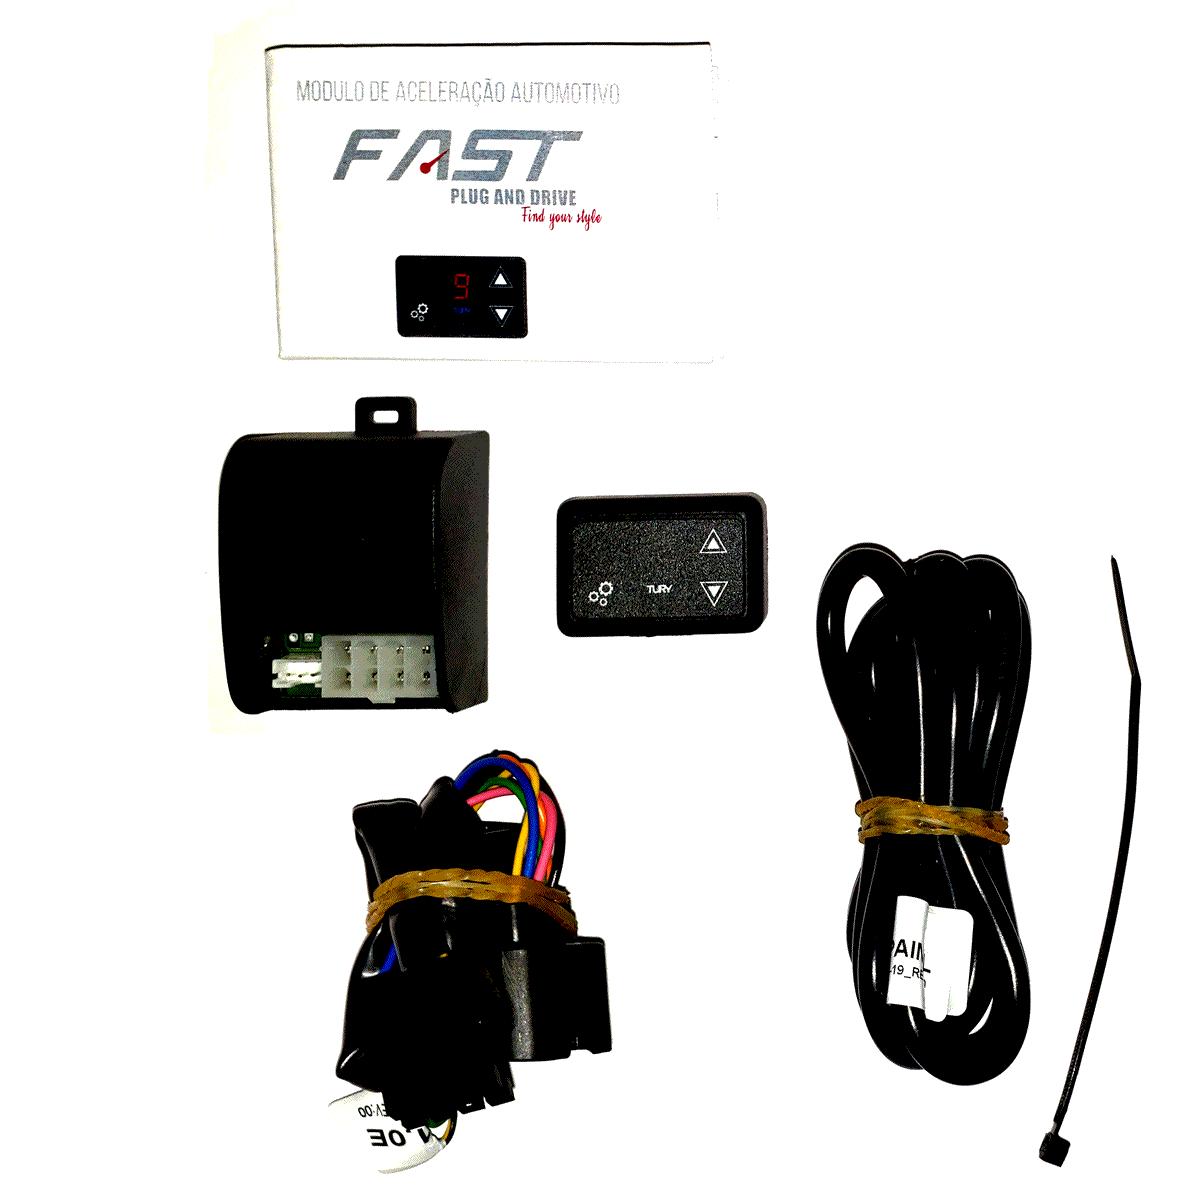 Fast 1.0 Q Mercedes Benz e Smart Módulo Acelerador Plug & Play